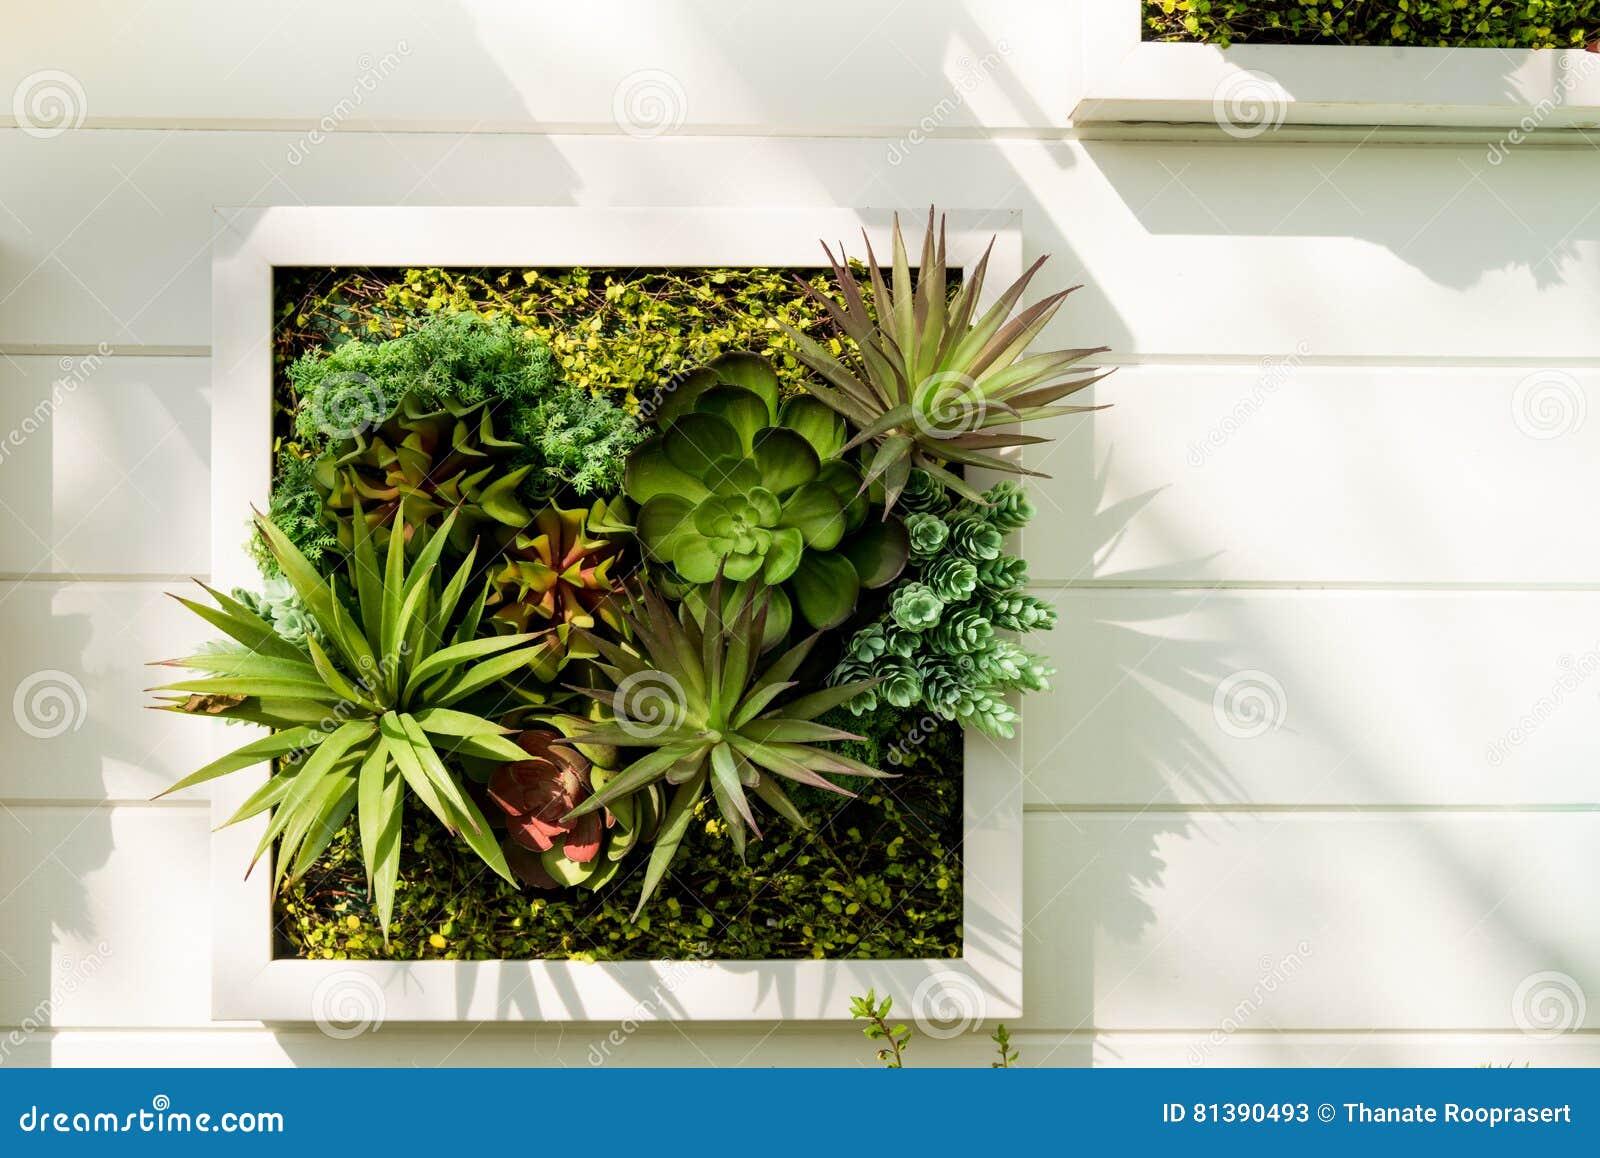 verzierter vertikaler garten der wand hintergrund stockbild bild 81390493. Black Bedroom Furniture Sets. Home Design Ideas